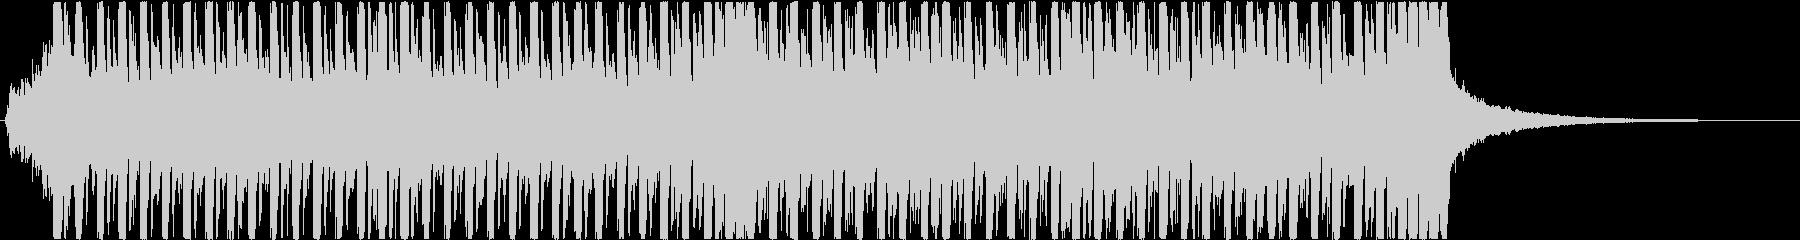 繰り返されるピアノが印象的な戦闘BGMの未再生の波形